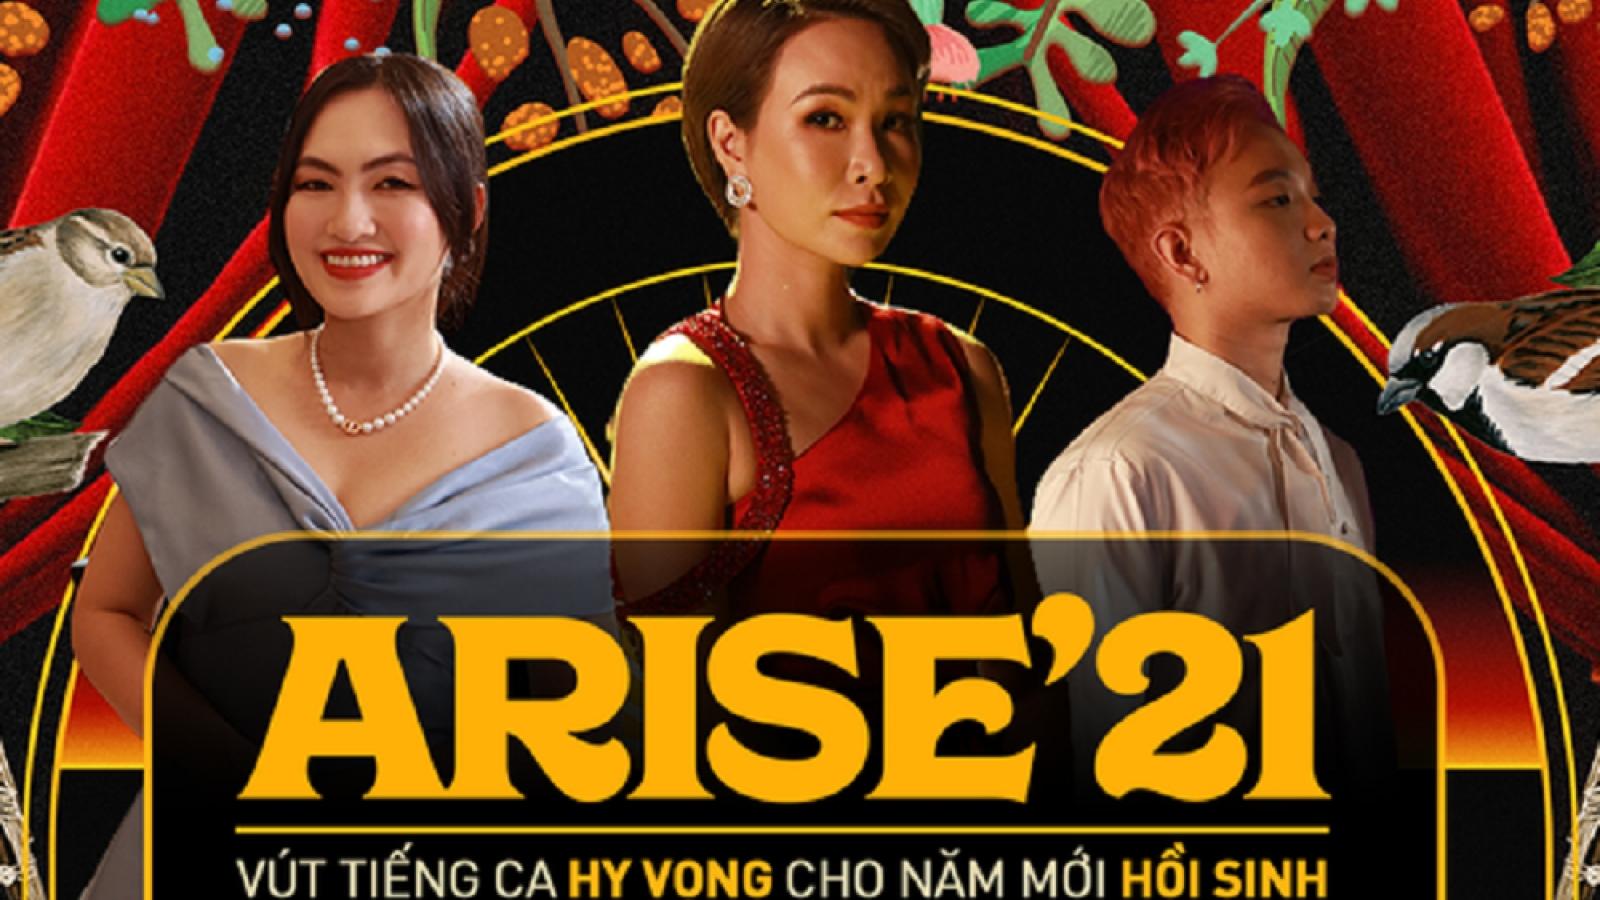 """MV """"Arise'21-Ta sẽ hồi sinh"""" tạo ấn tượng mạnh với khán giả"""